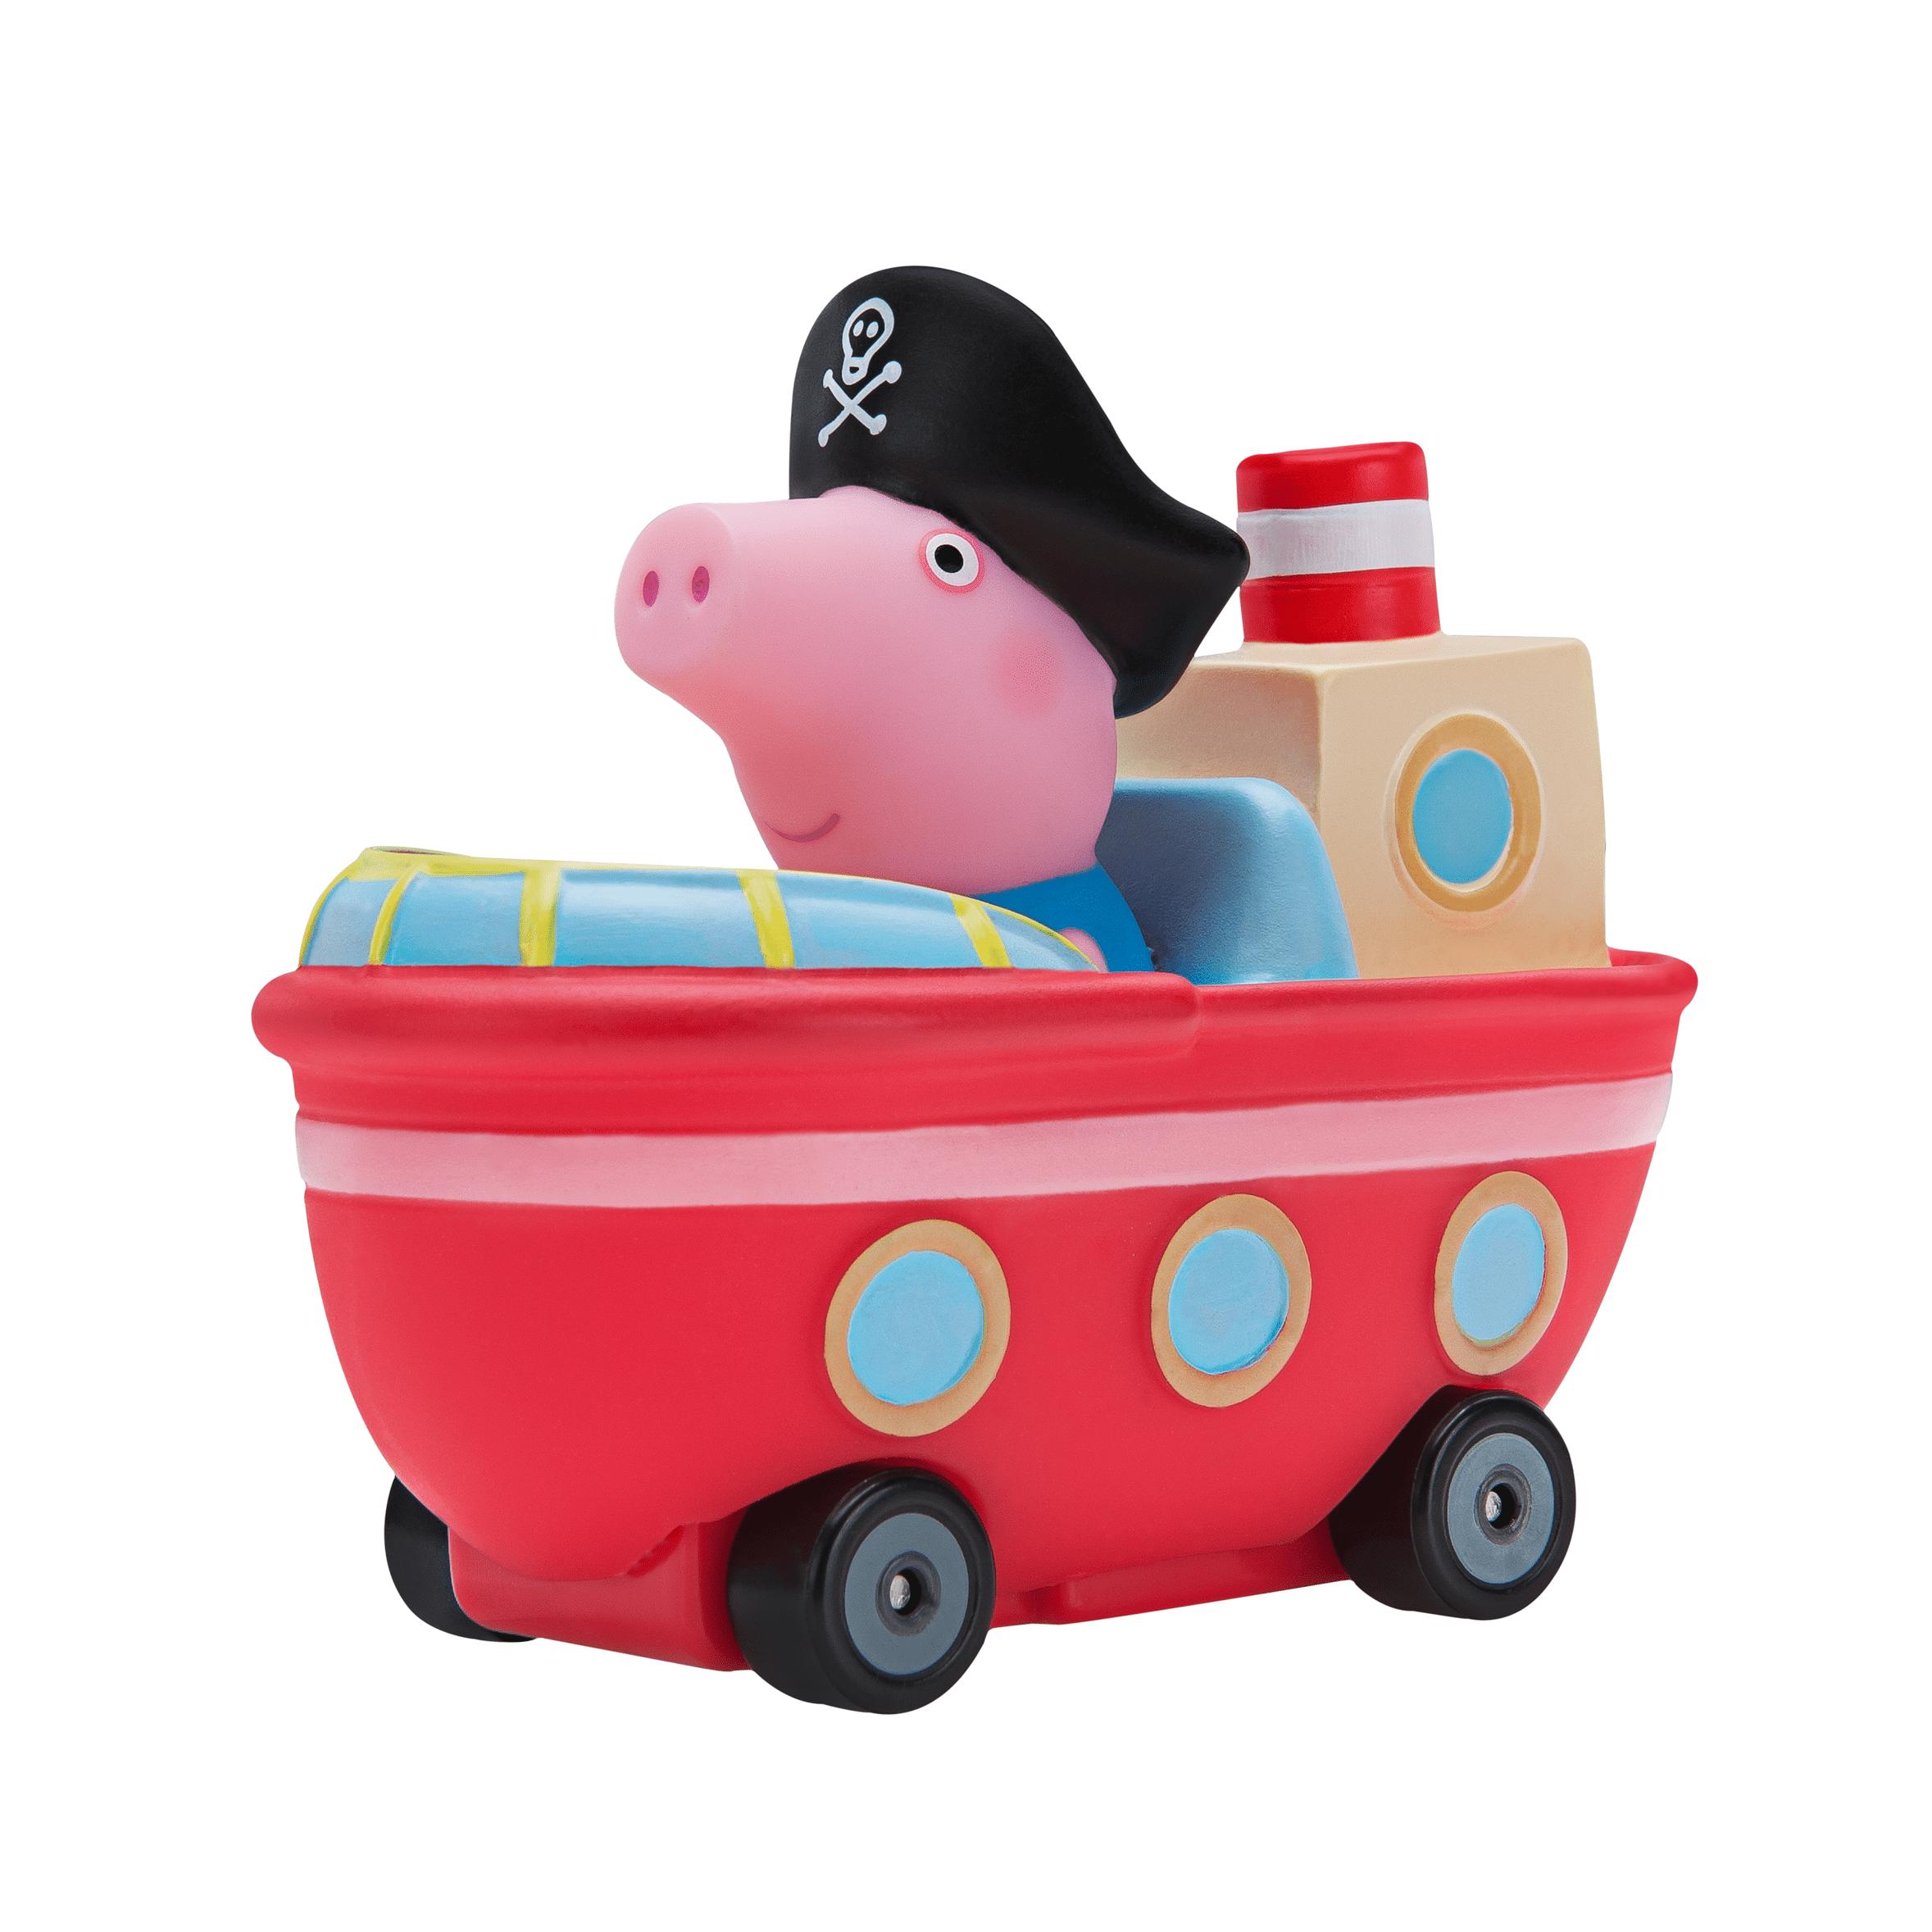 Peppa Pig Peppa Mini Red Boat